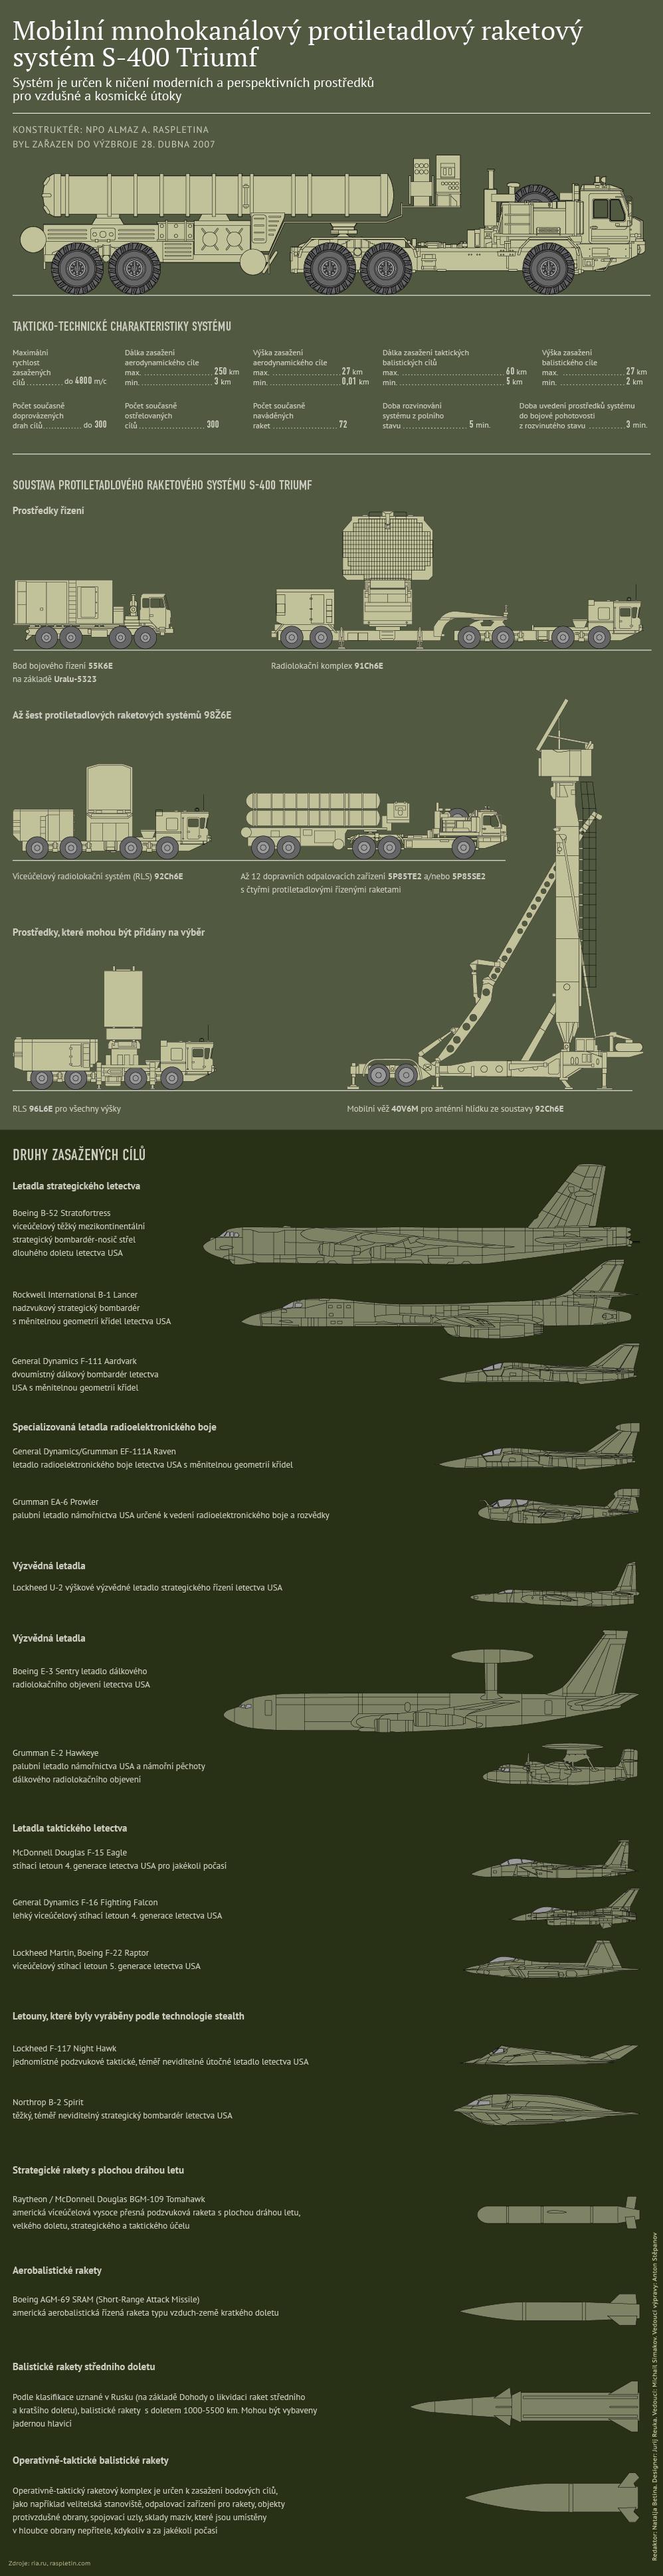 Protiletadlový systém S-400 Triumf